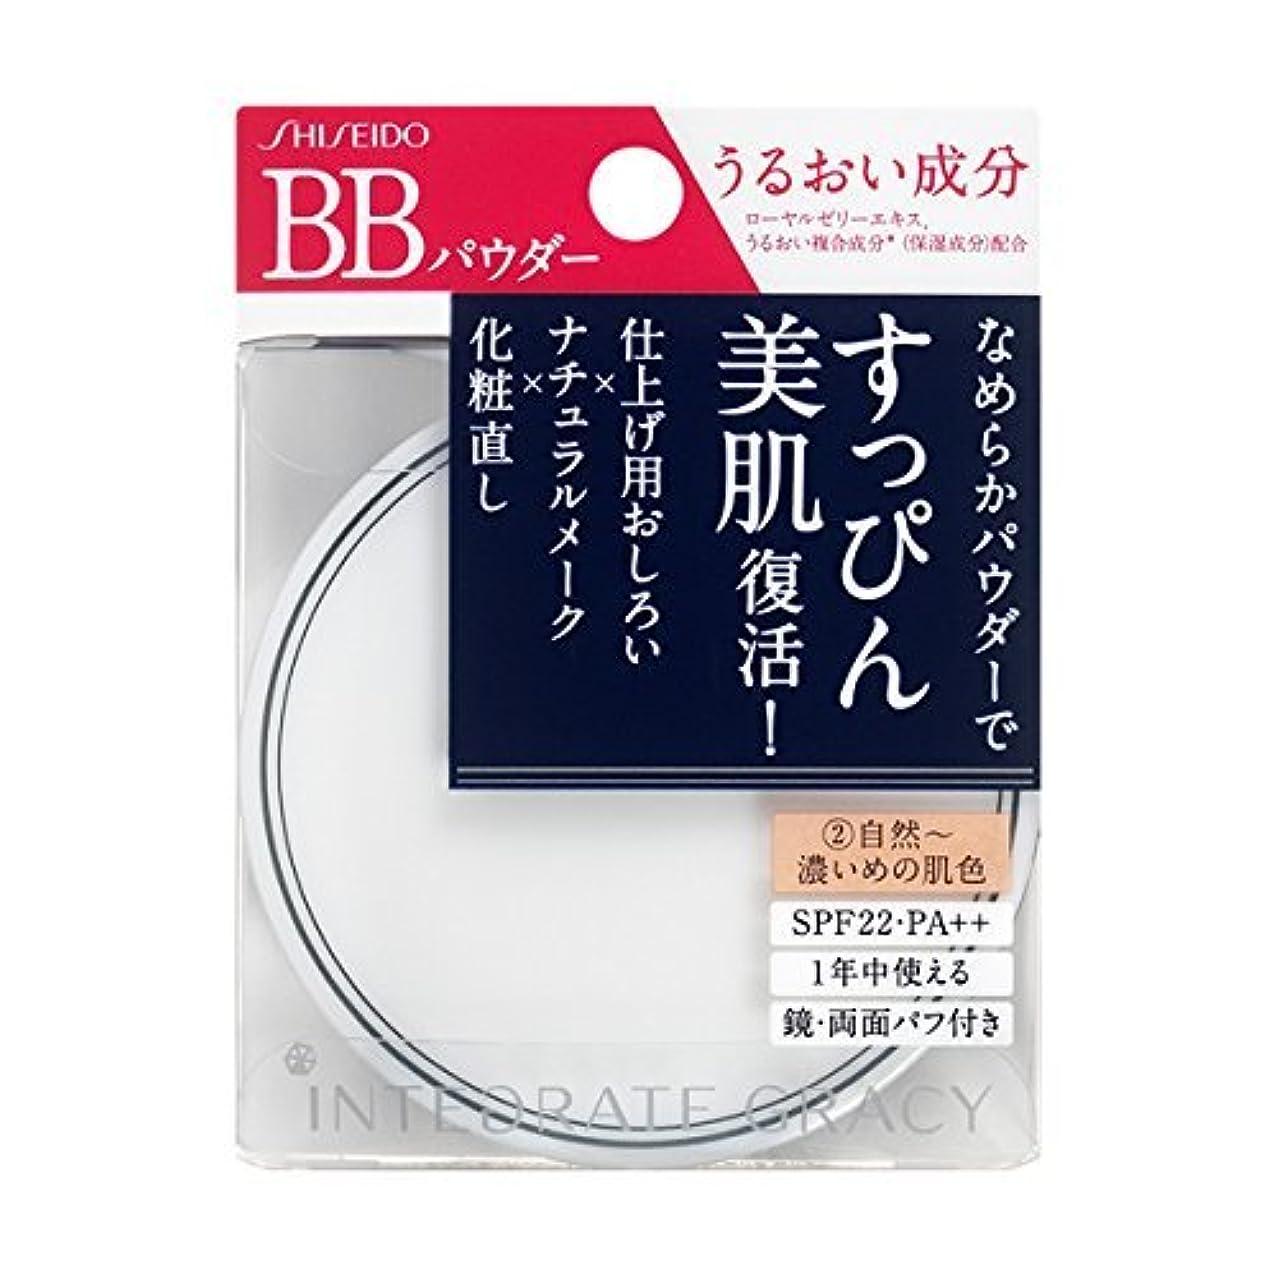 ダルセット九顔料インテグレート グレイシィ エッセンスパウダーBB 2 8g ×6個